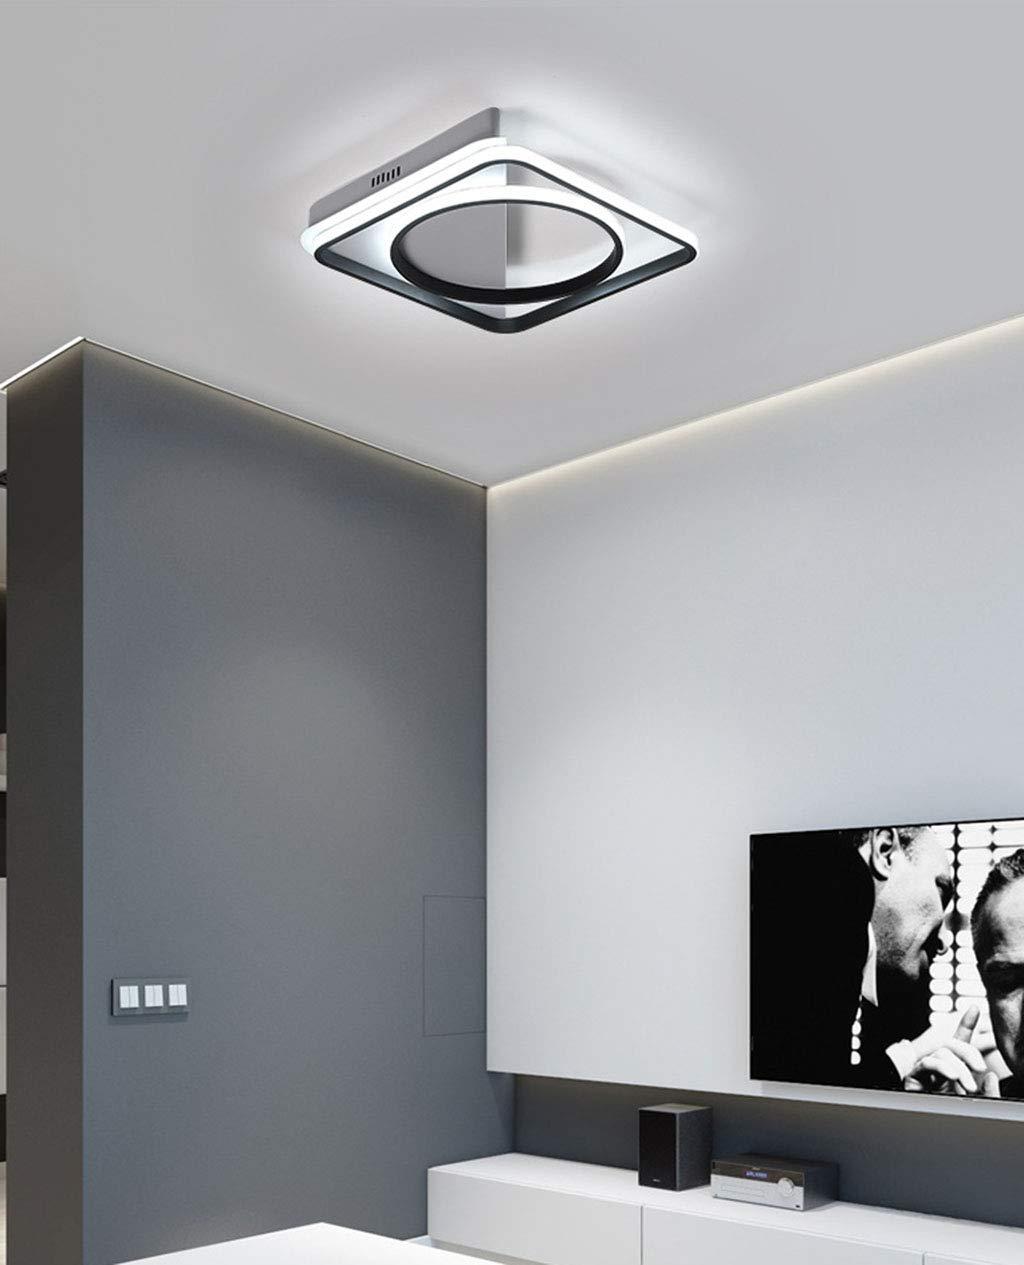 Full Size of Lampe Schlafzimmer Dimmbar Deckenleuchte Deckenlampe Led Pinterest Deckenlampen Design Holz E27 Küche Komplett Weiß Für Wohnzimmer Wandtattoo Esstisch Schlafzimmer Deckenlampe Schlafzimmer